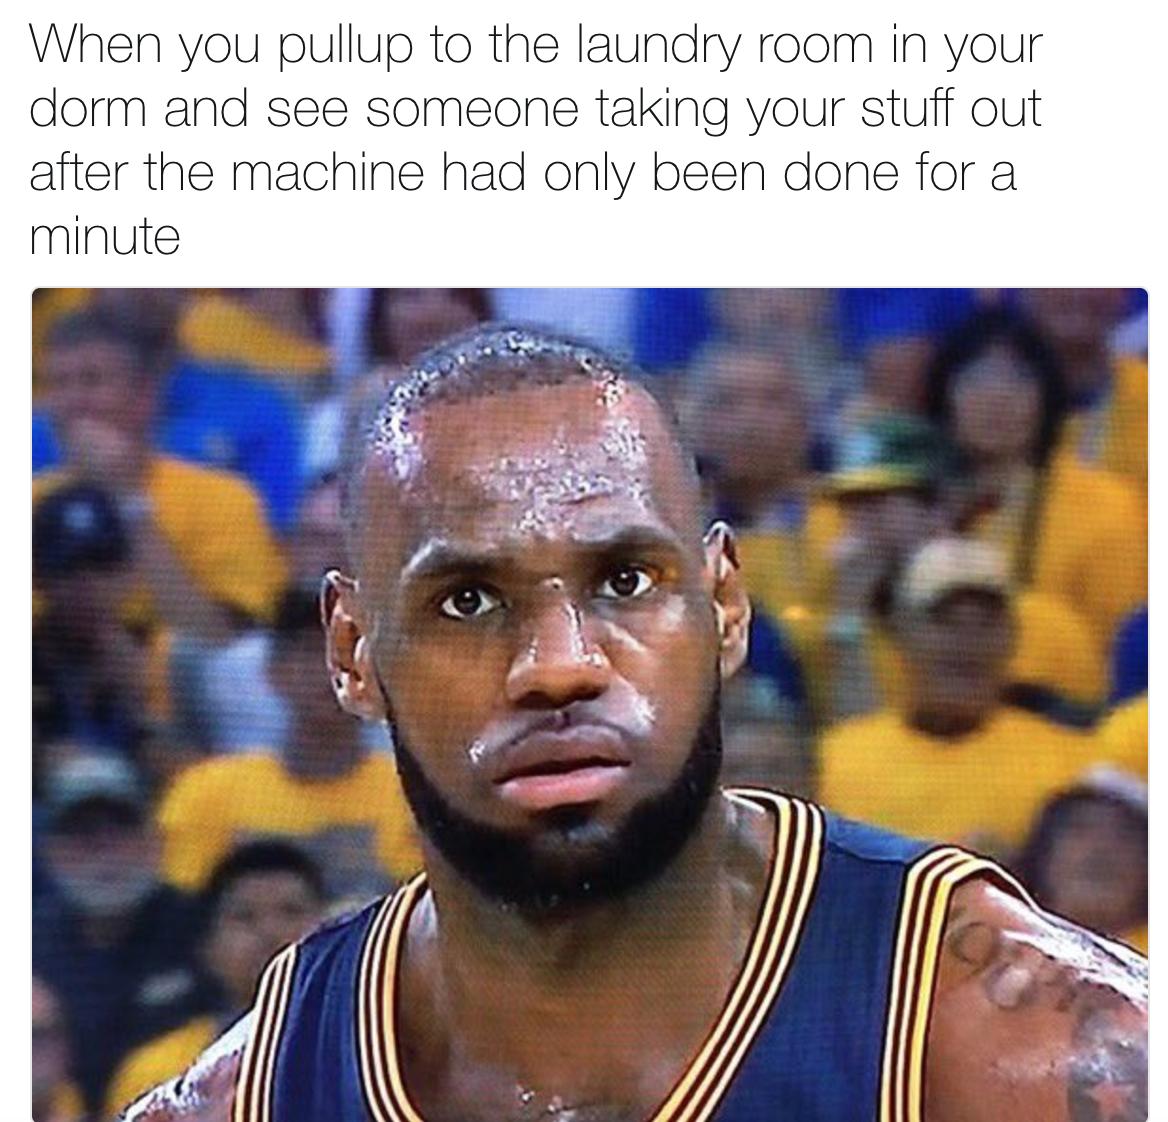 d7e laundry 2017 nba finals know your meme